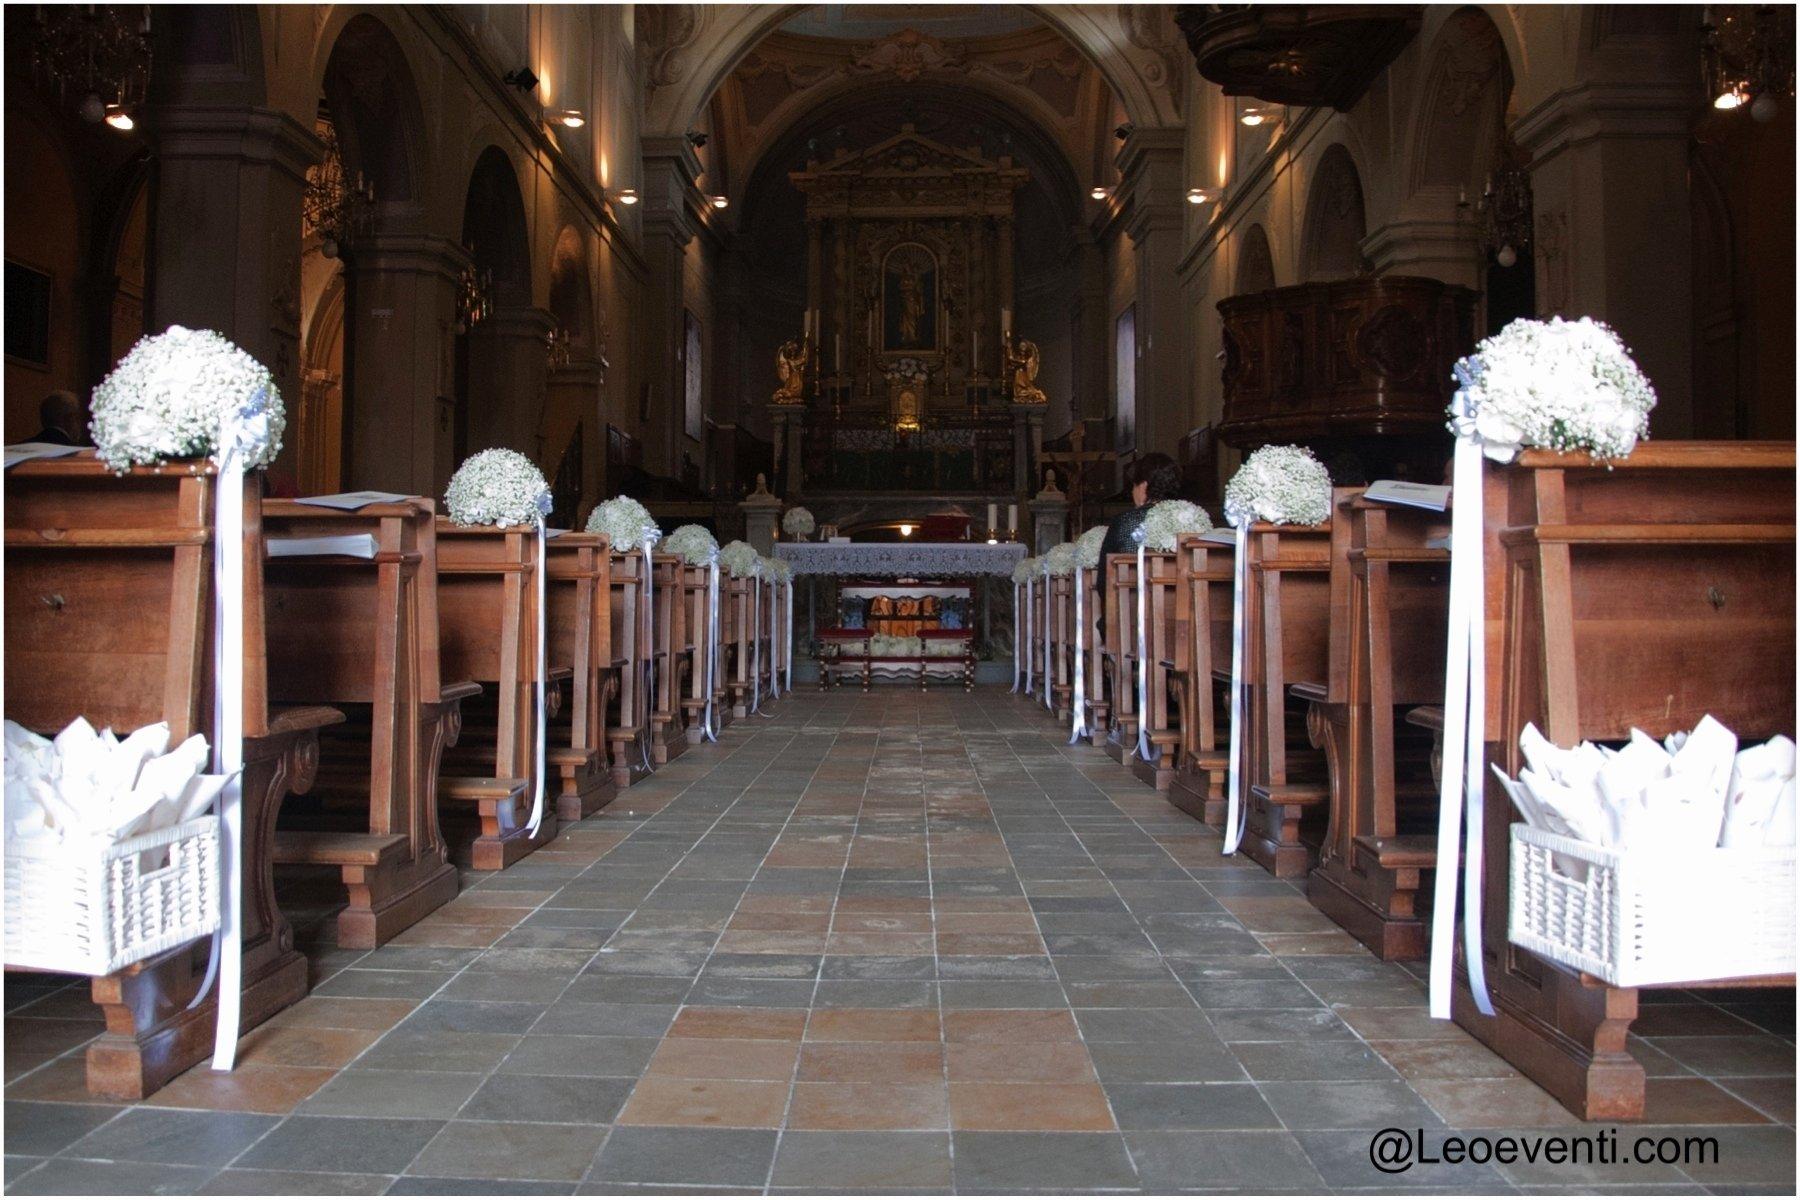 10 Great Wedding Decoration Ideas For Church church wedding decor inspirational church wedding decorations ideas 2020